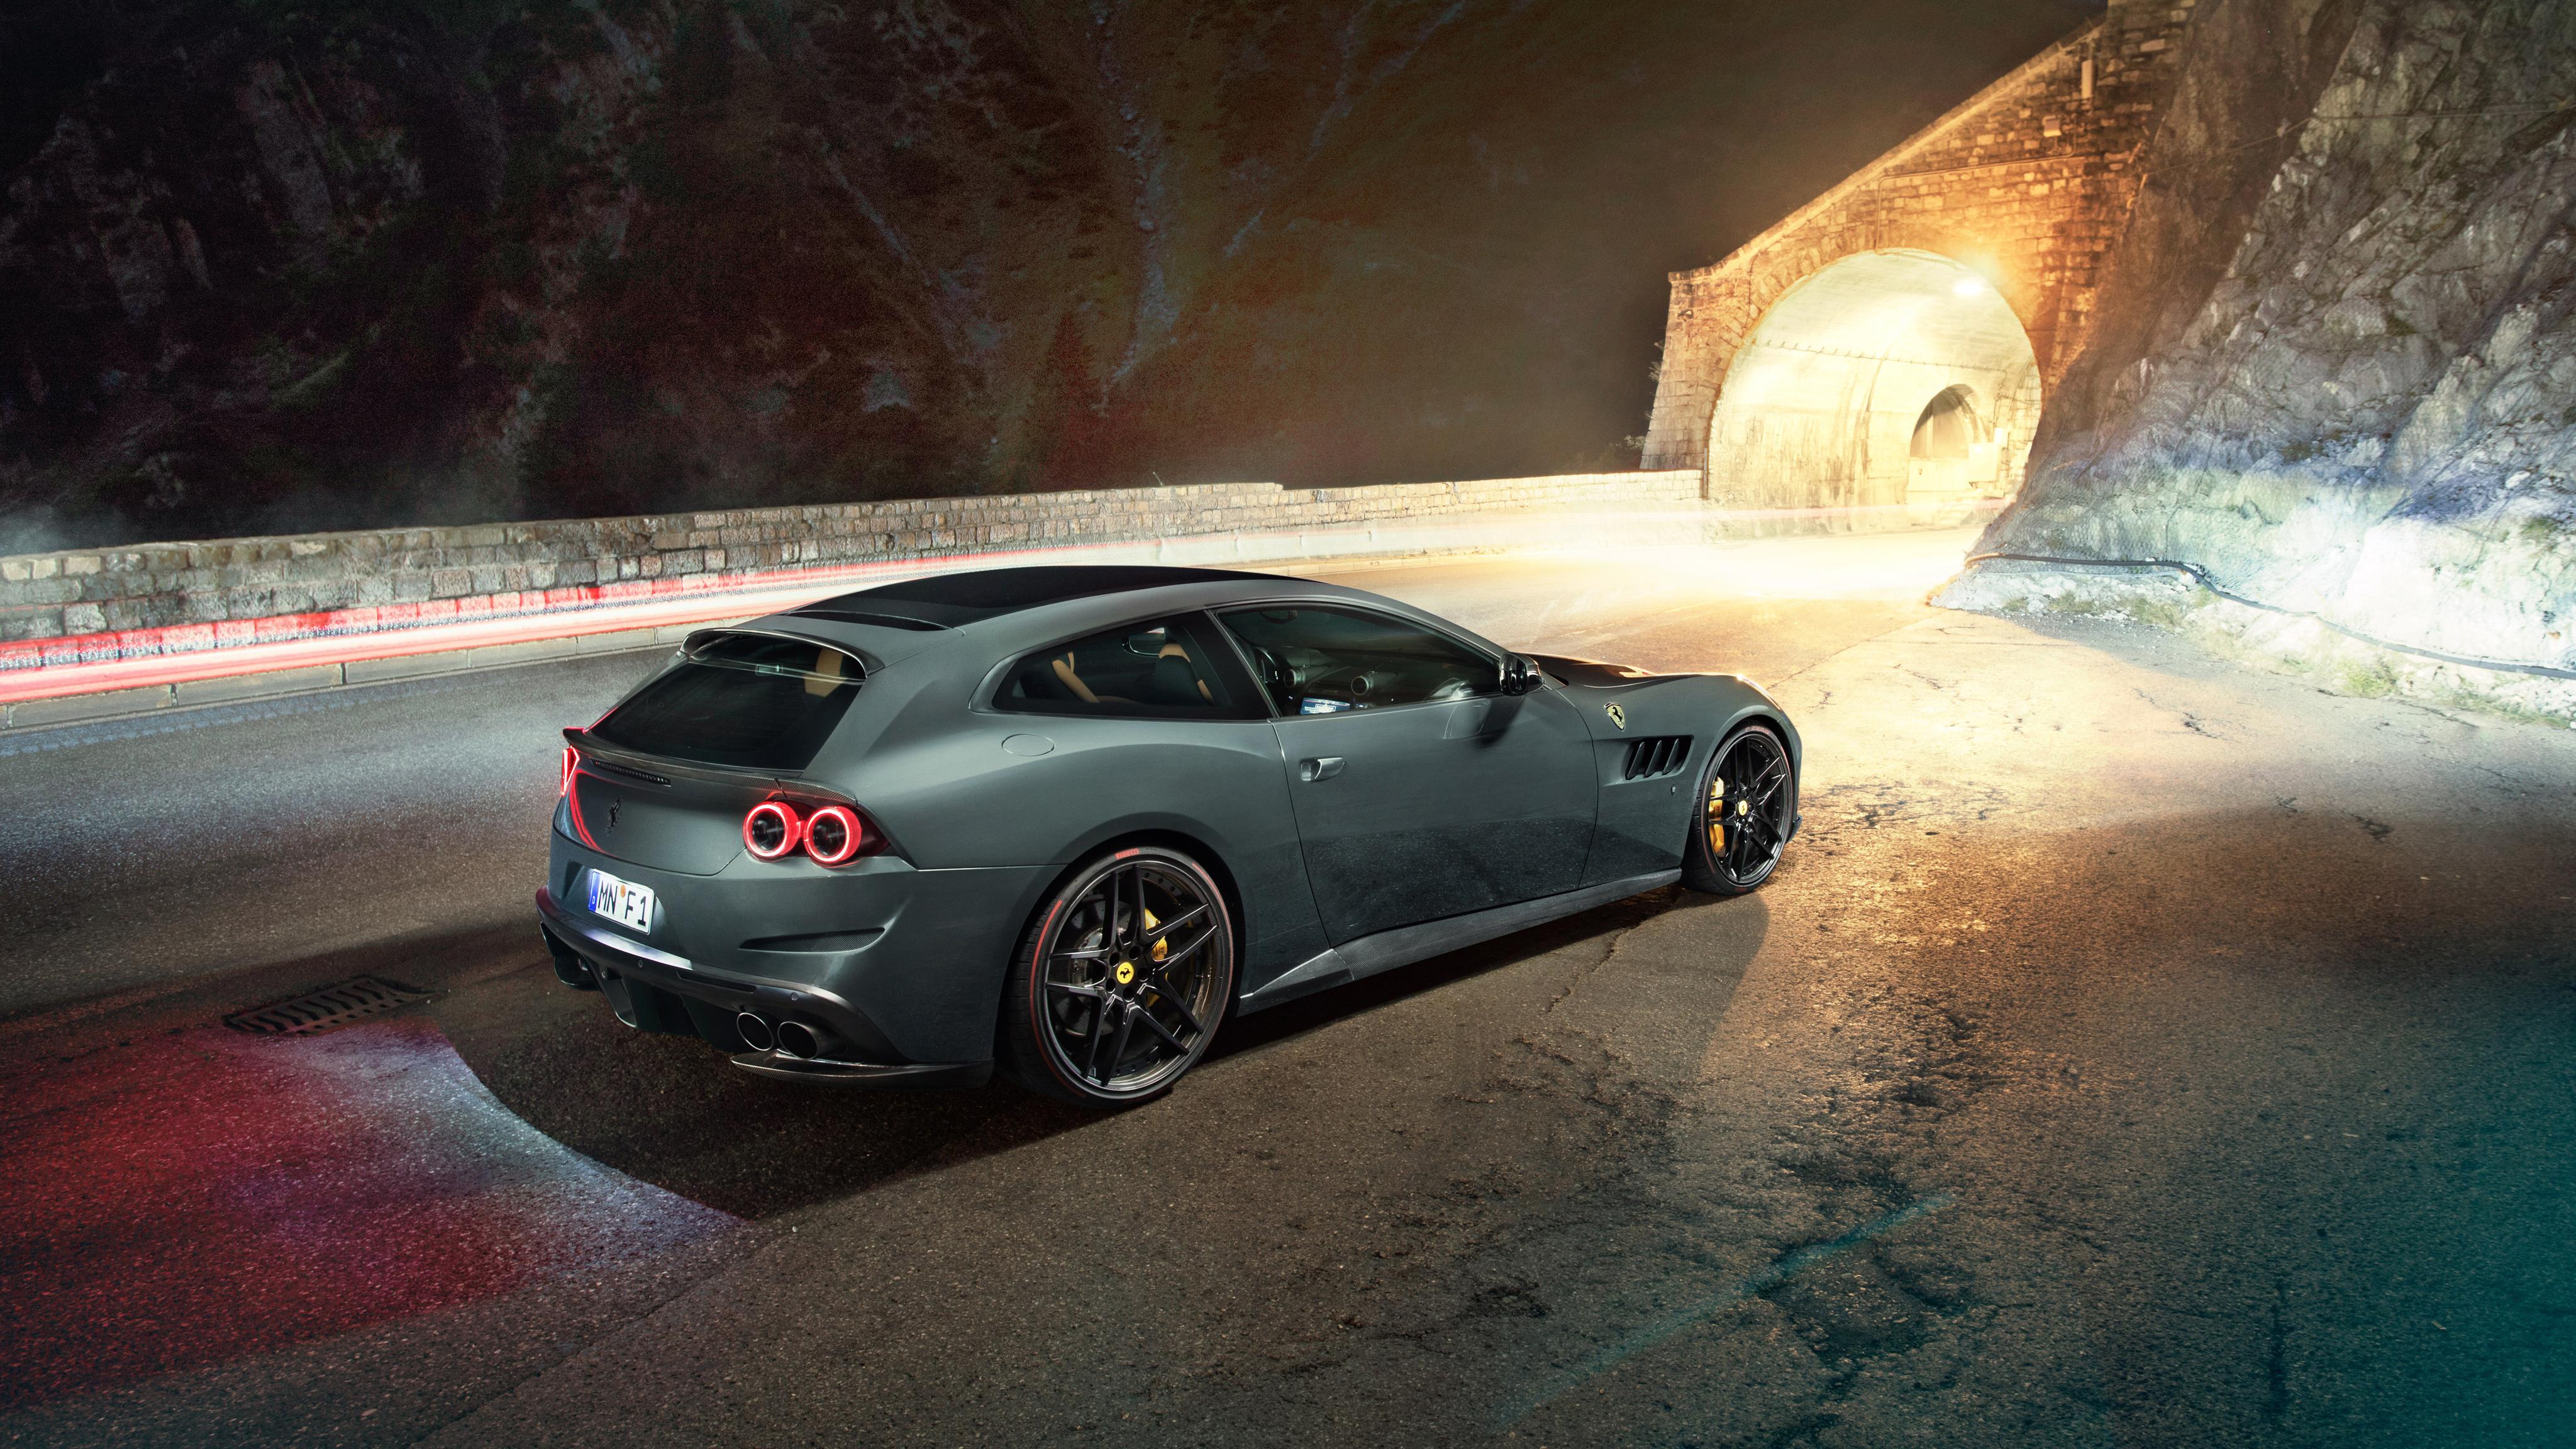 2017 Ferrari GTC4Lusso by Novitec Rosso 4K 3 Wallpaper HD Car 4096x2304